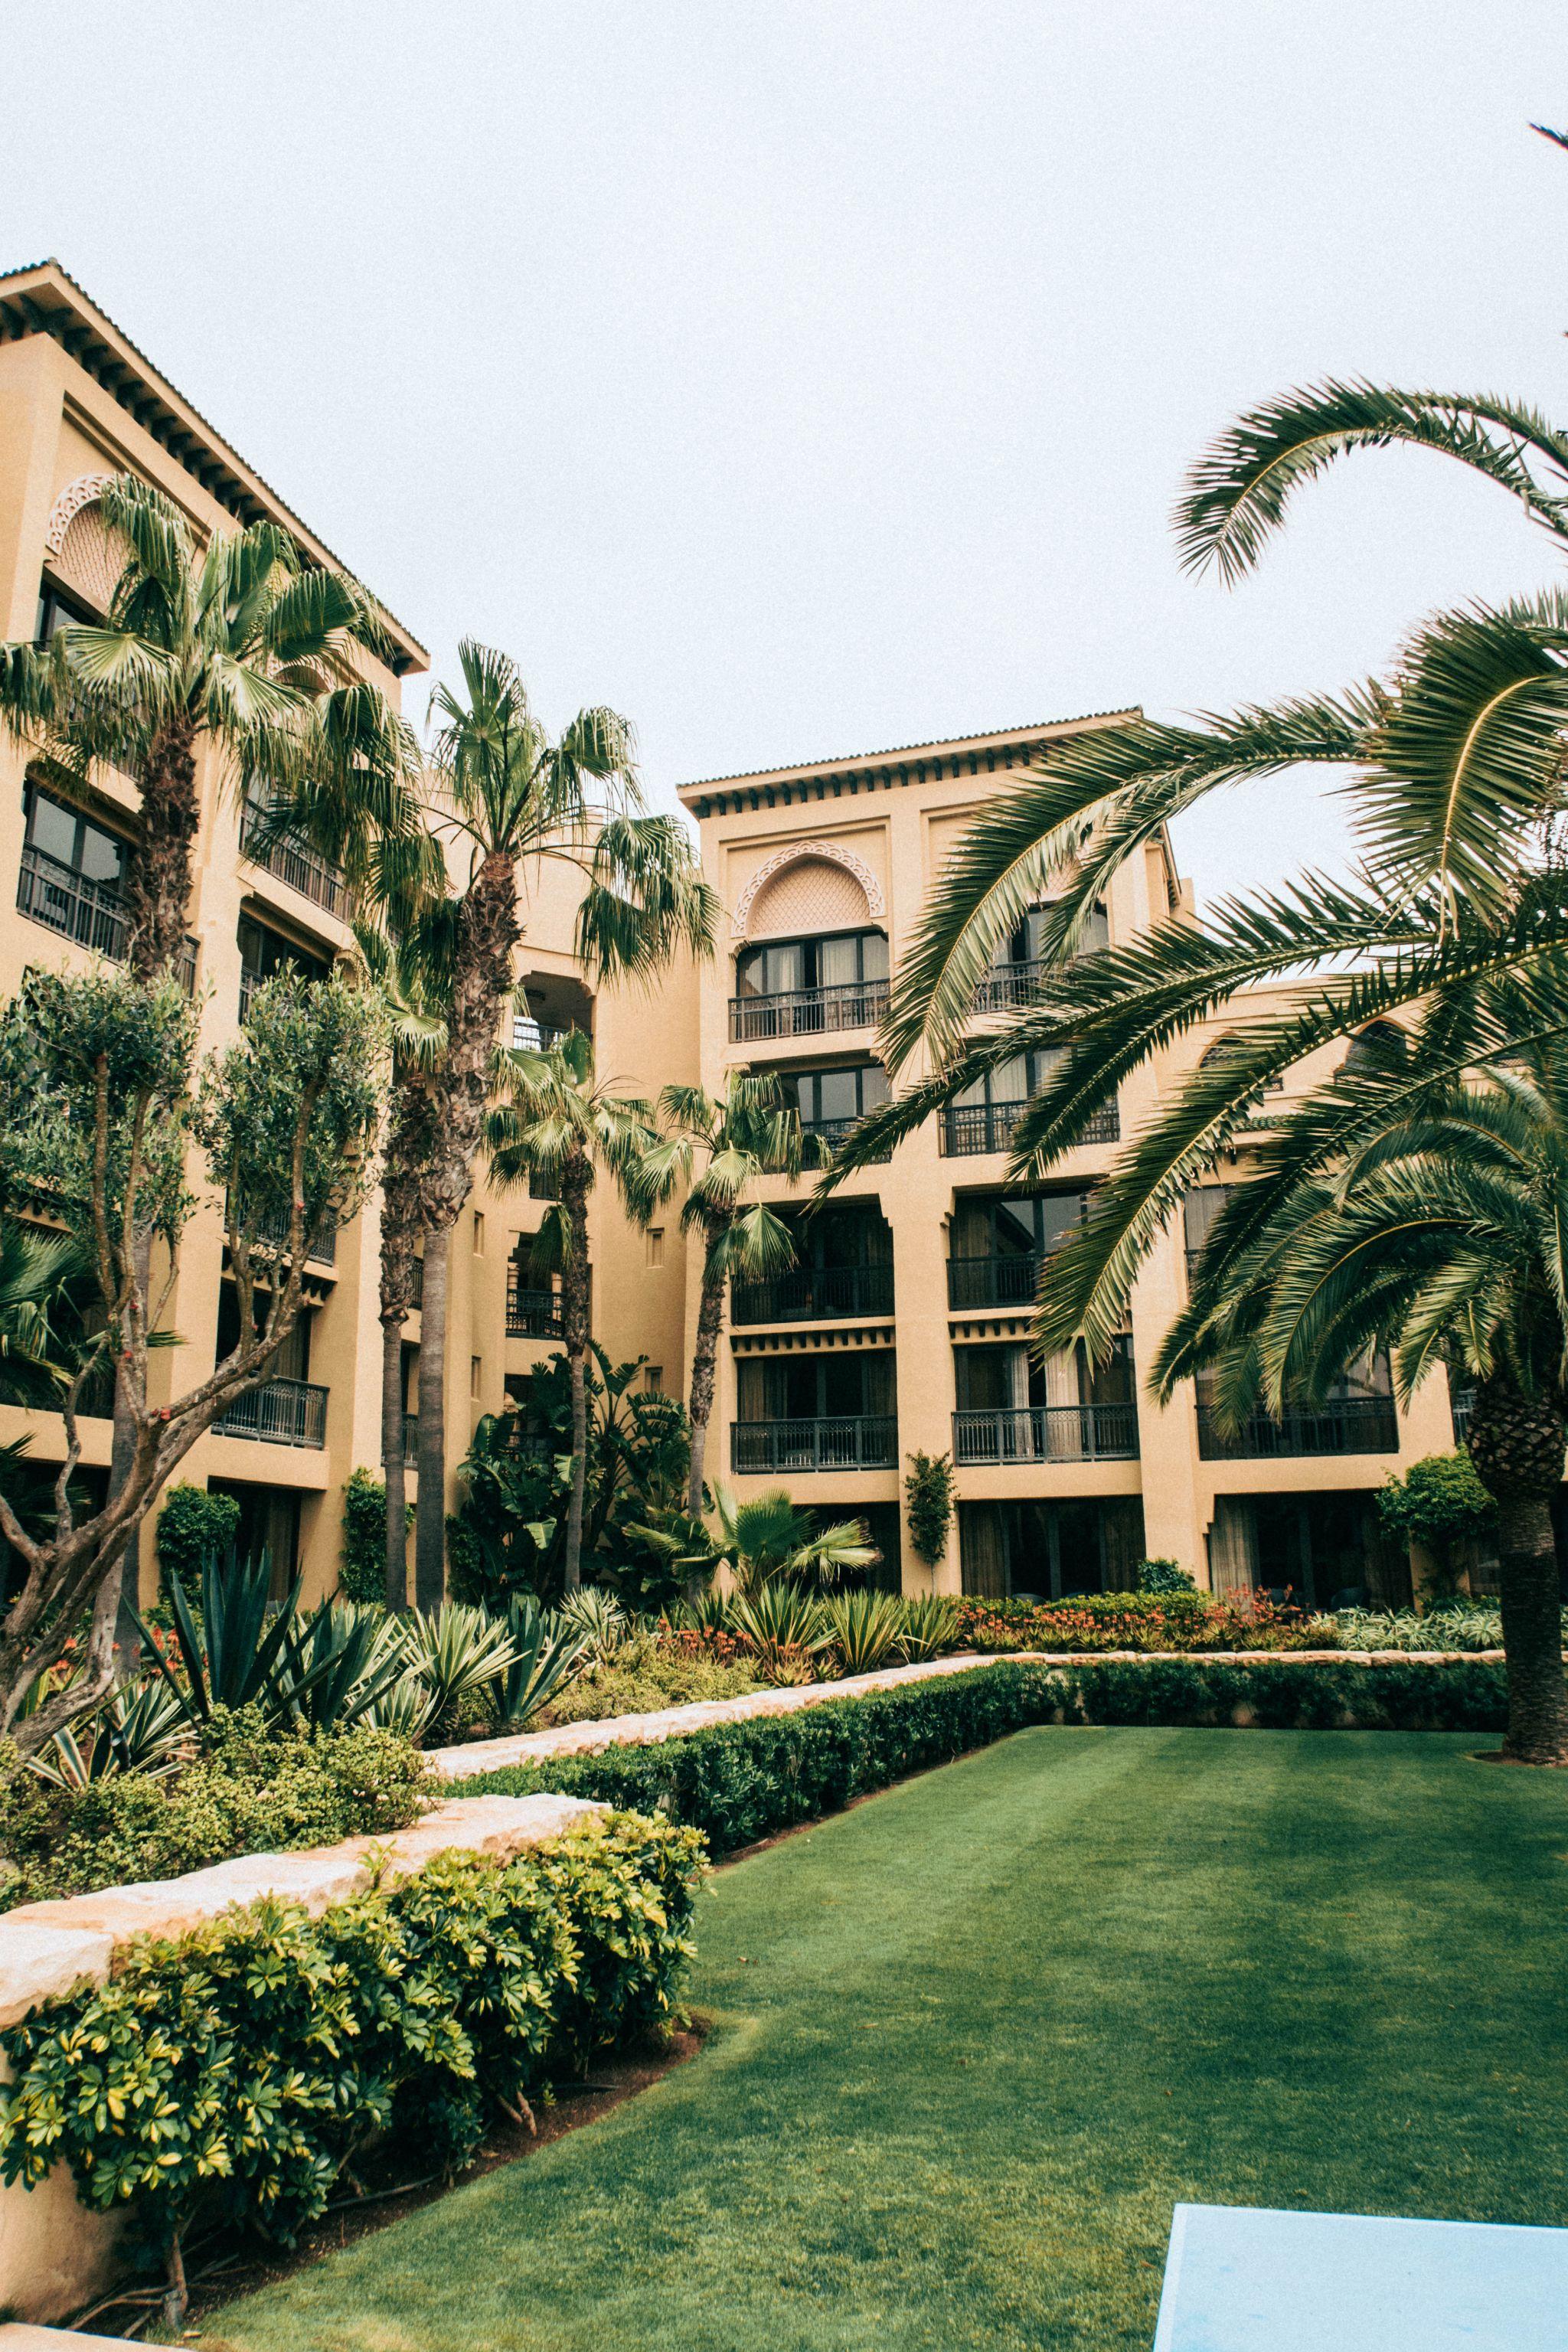 Casabalanca-Mazagan_Beach_Resort_6989